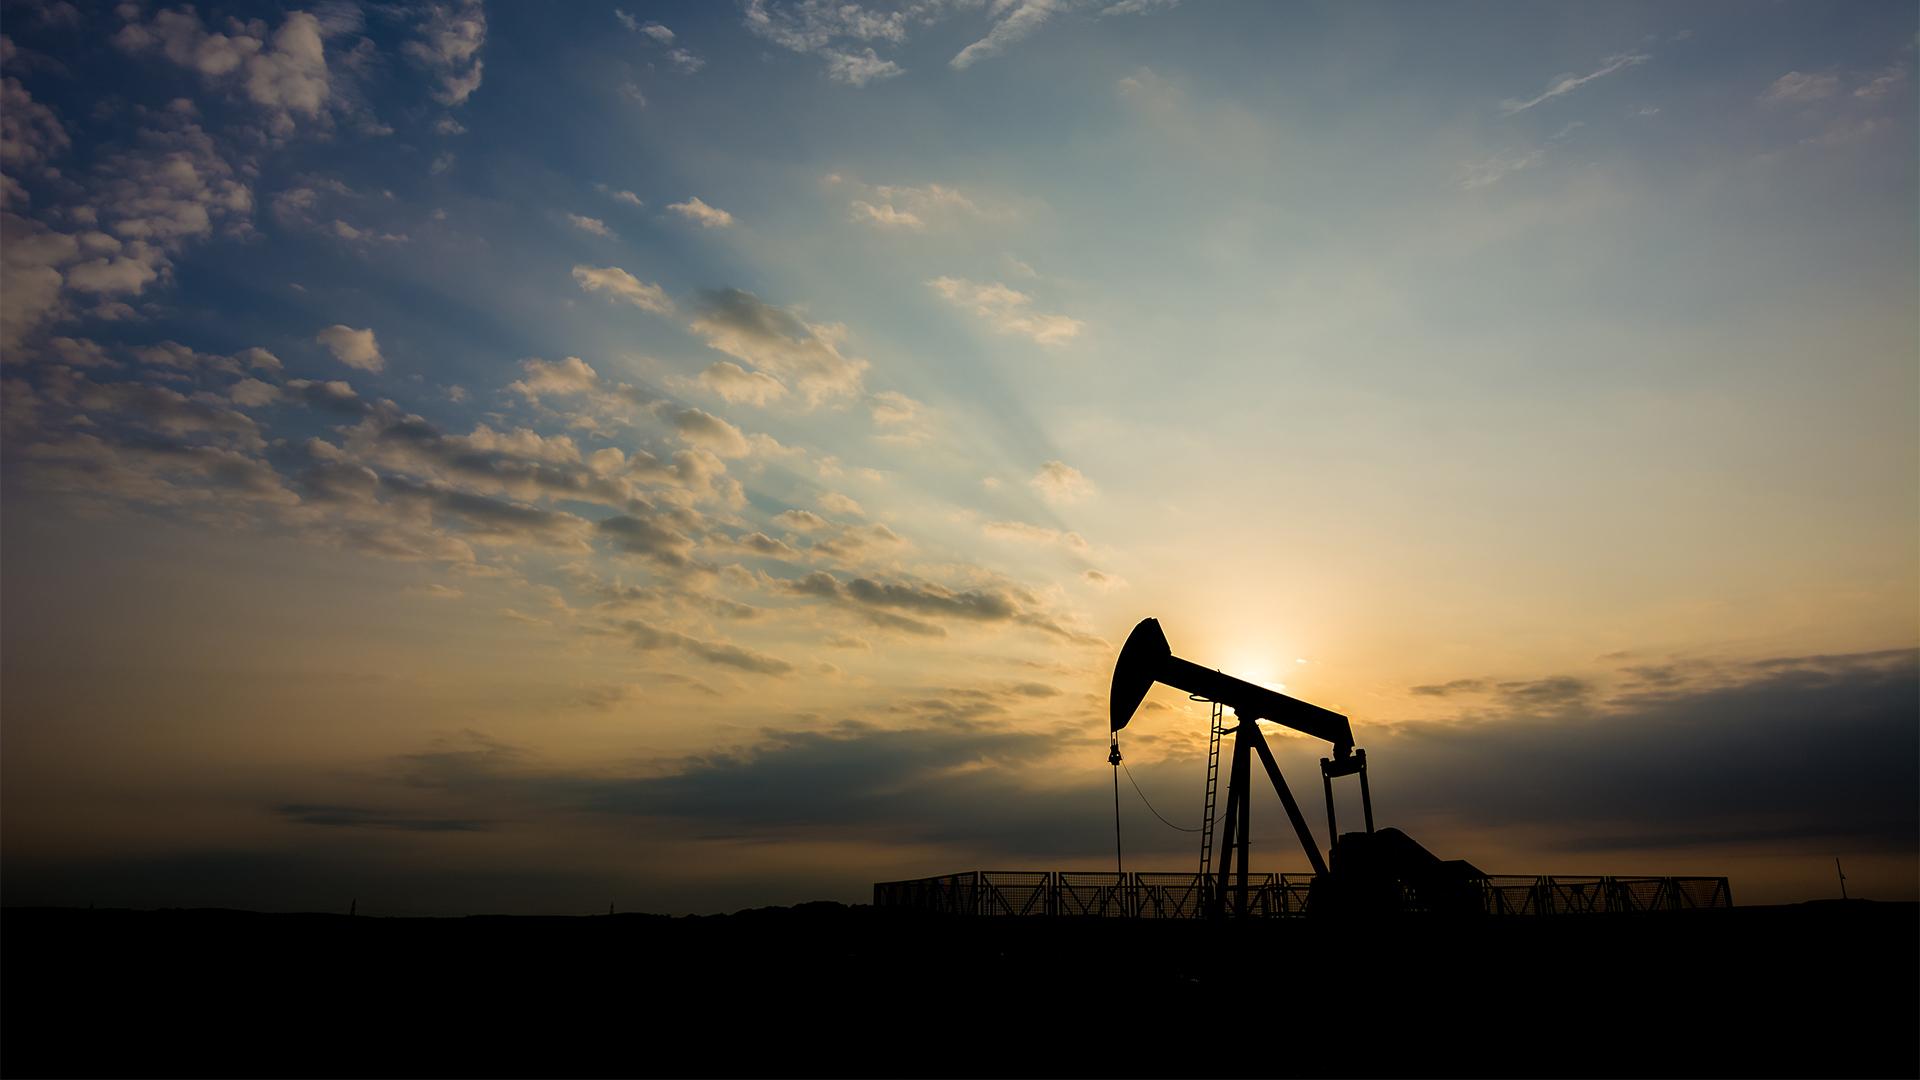 Crude oil pump in oilfield